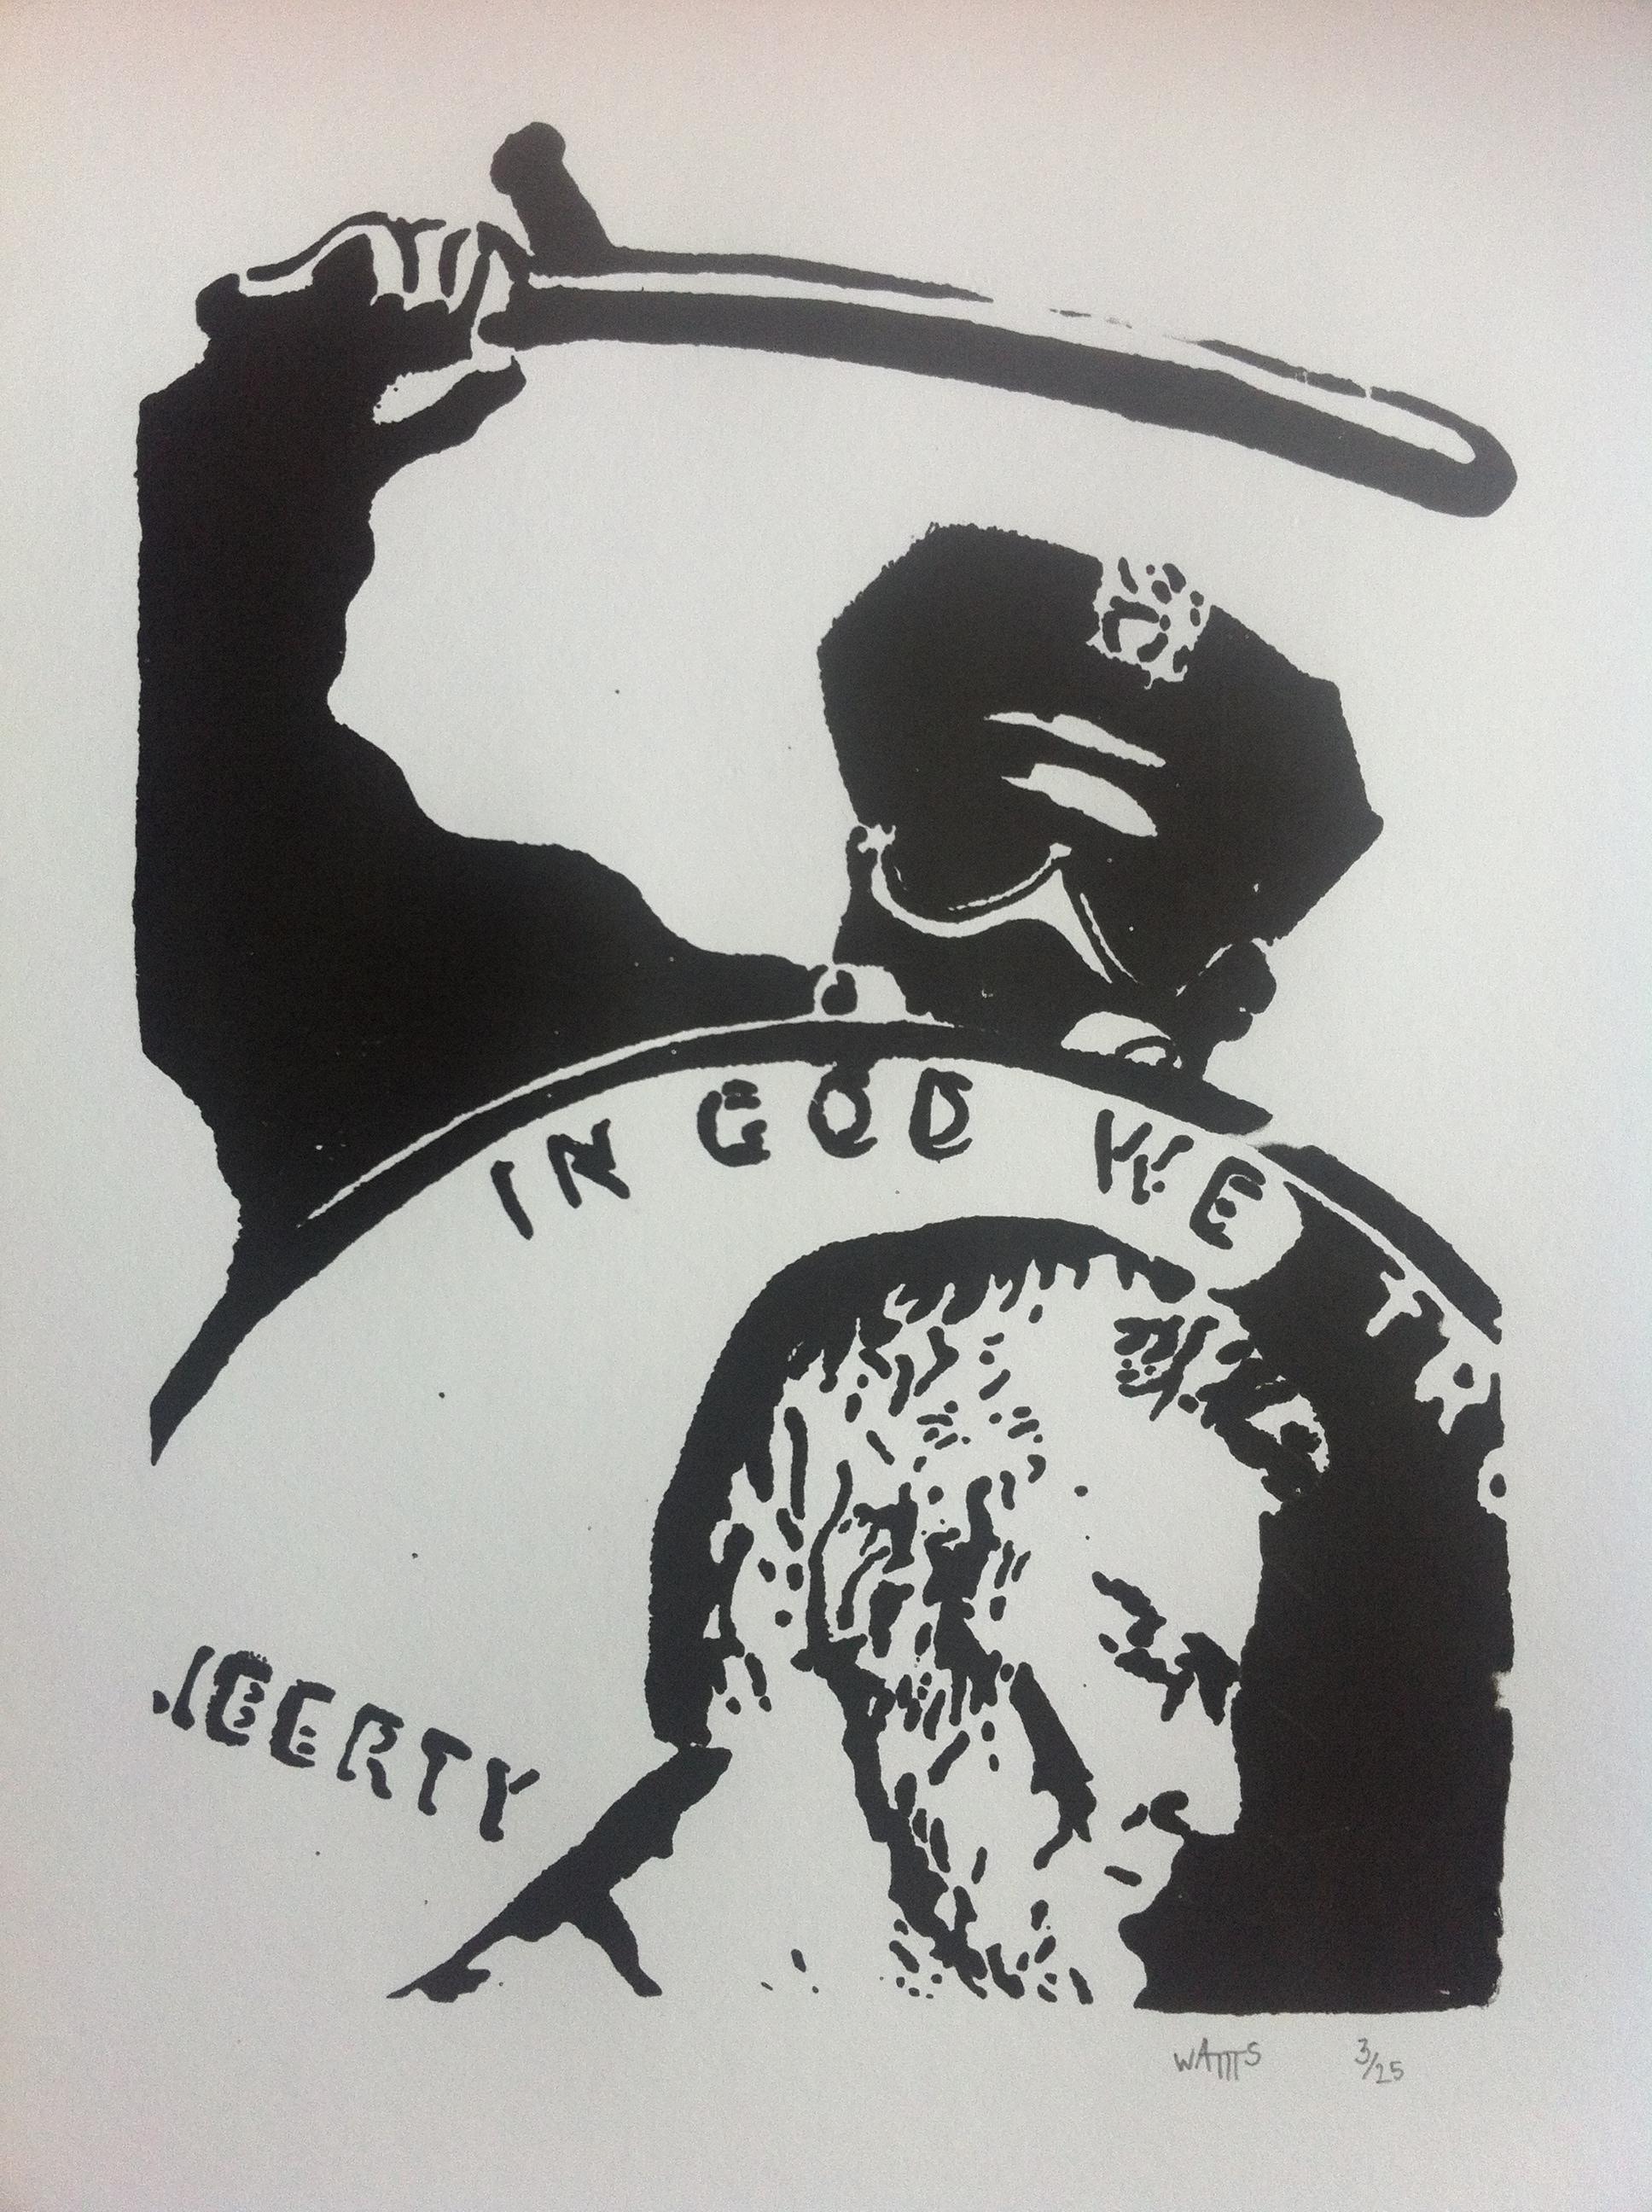 wattts freedom